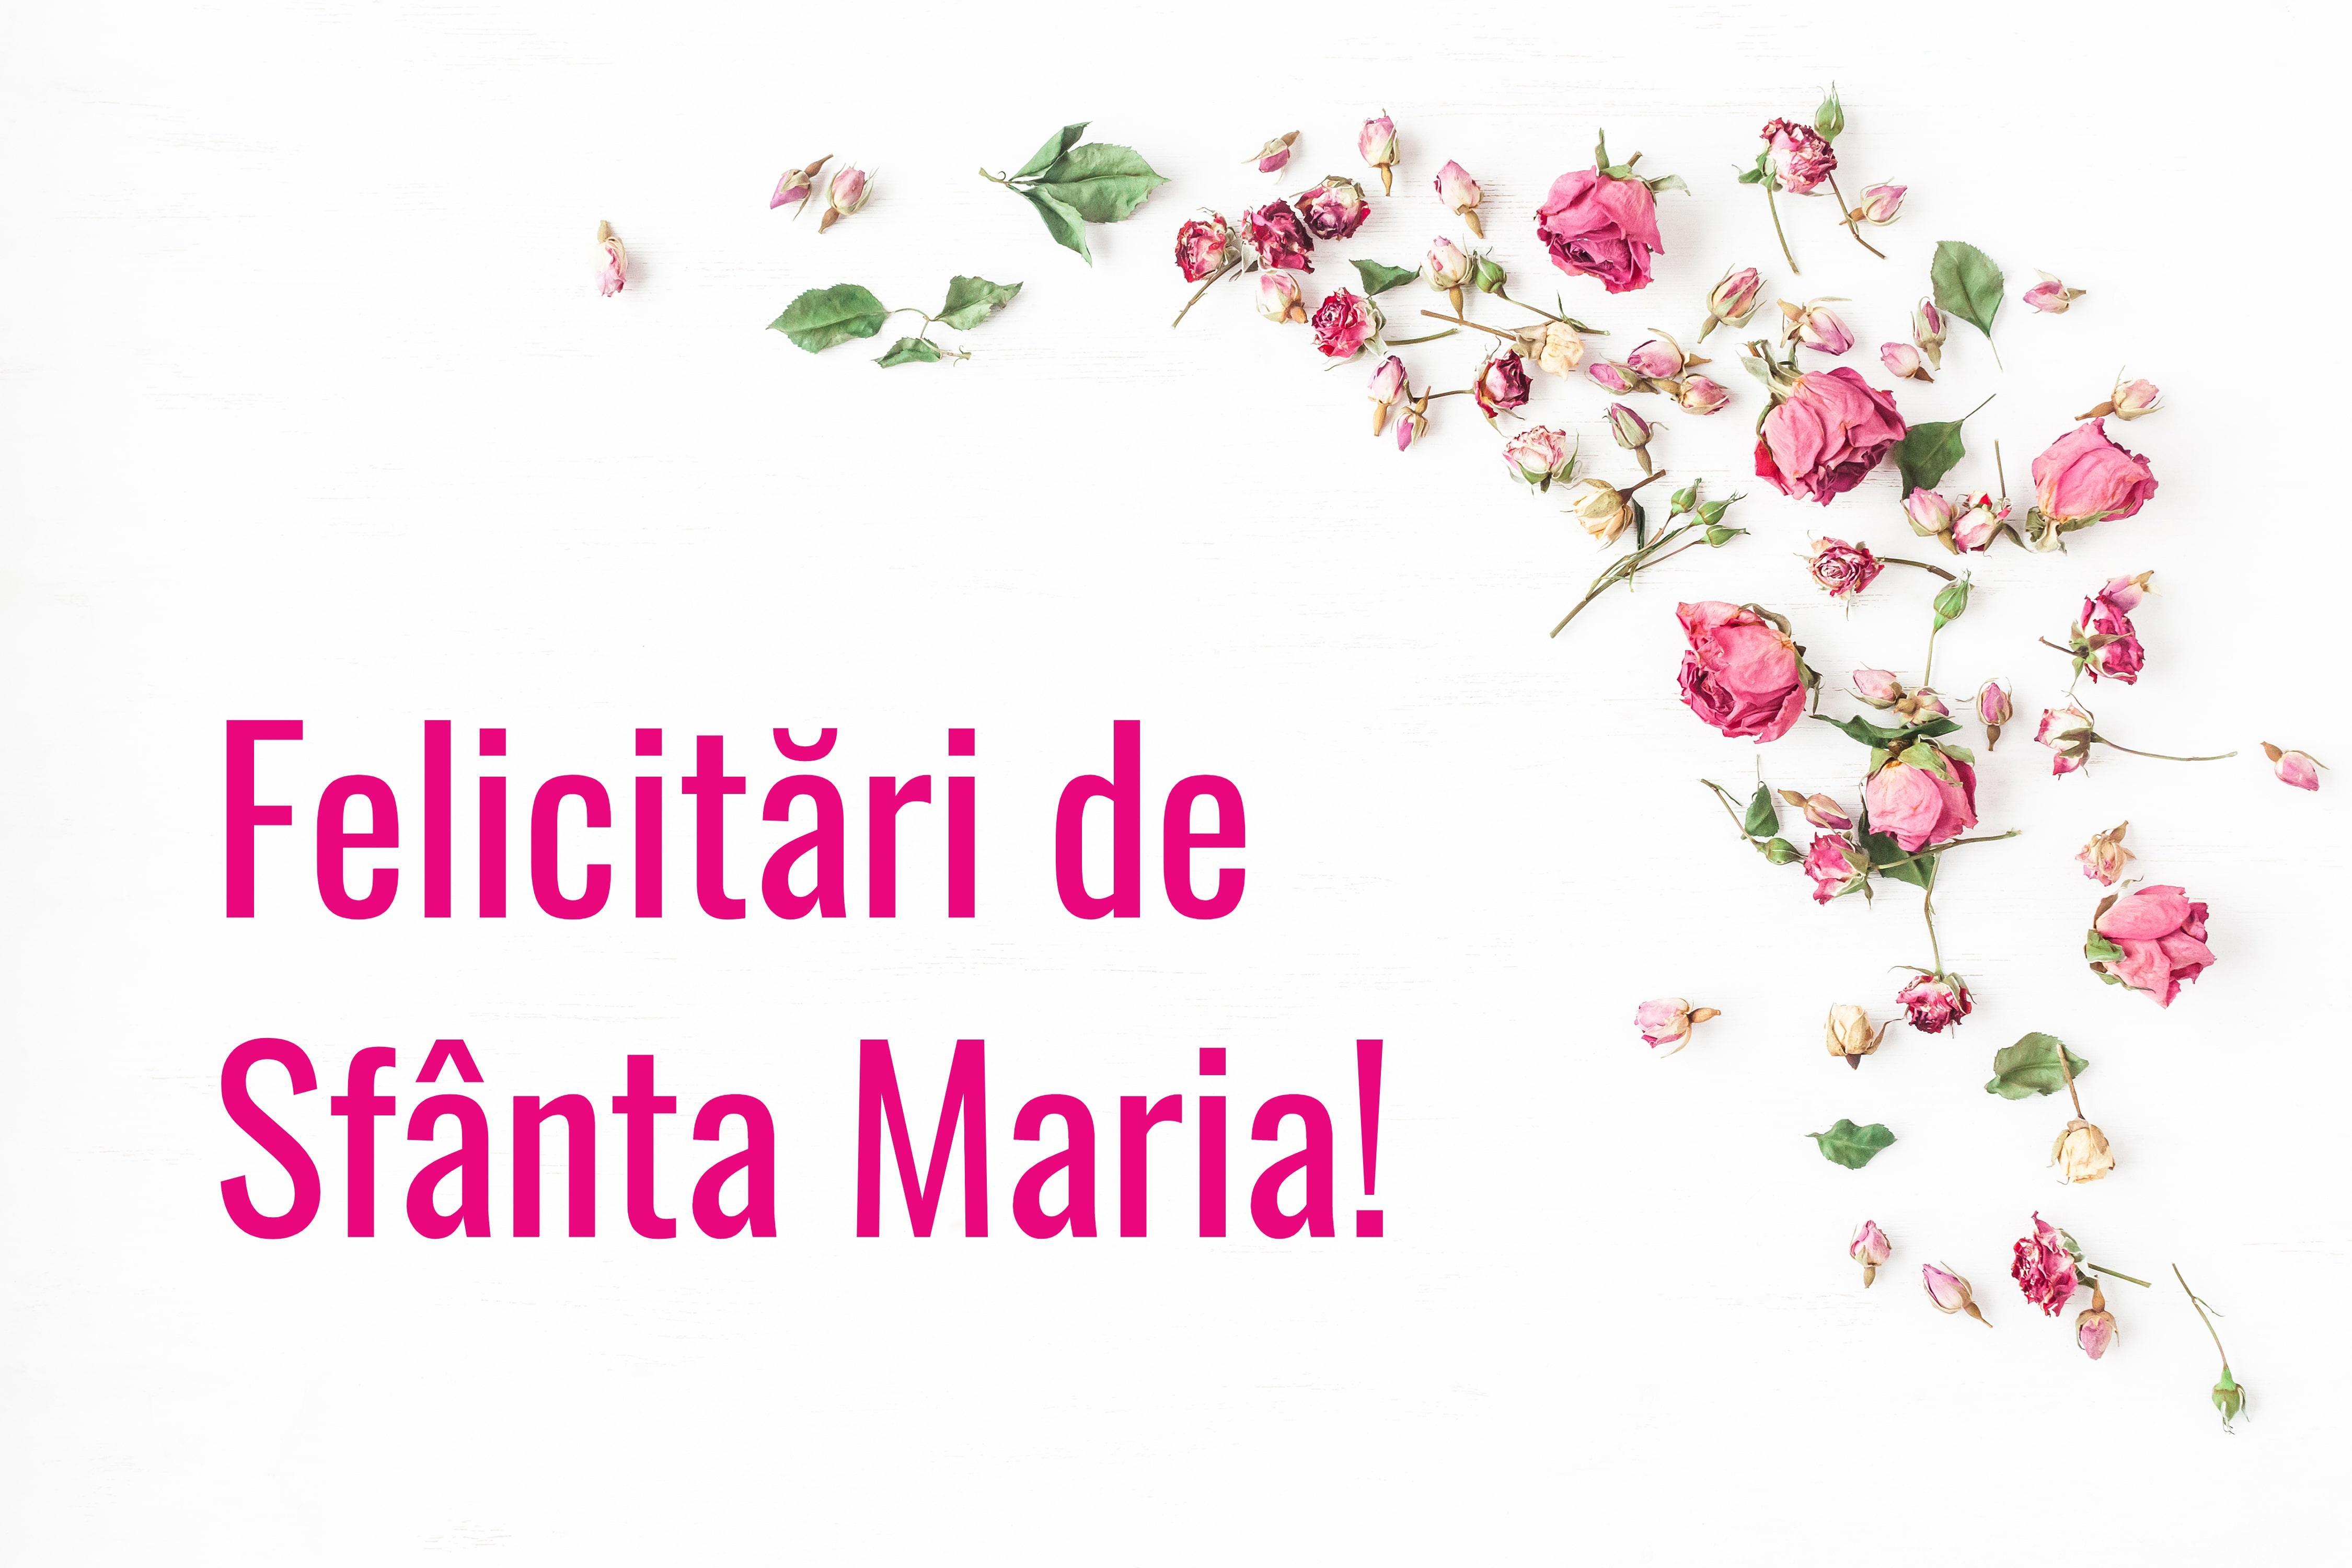 Felicitări Sfânta Maria 2021. Mesaje pentru cei dragi de Adormirea Maicii Domnului, 15 august